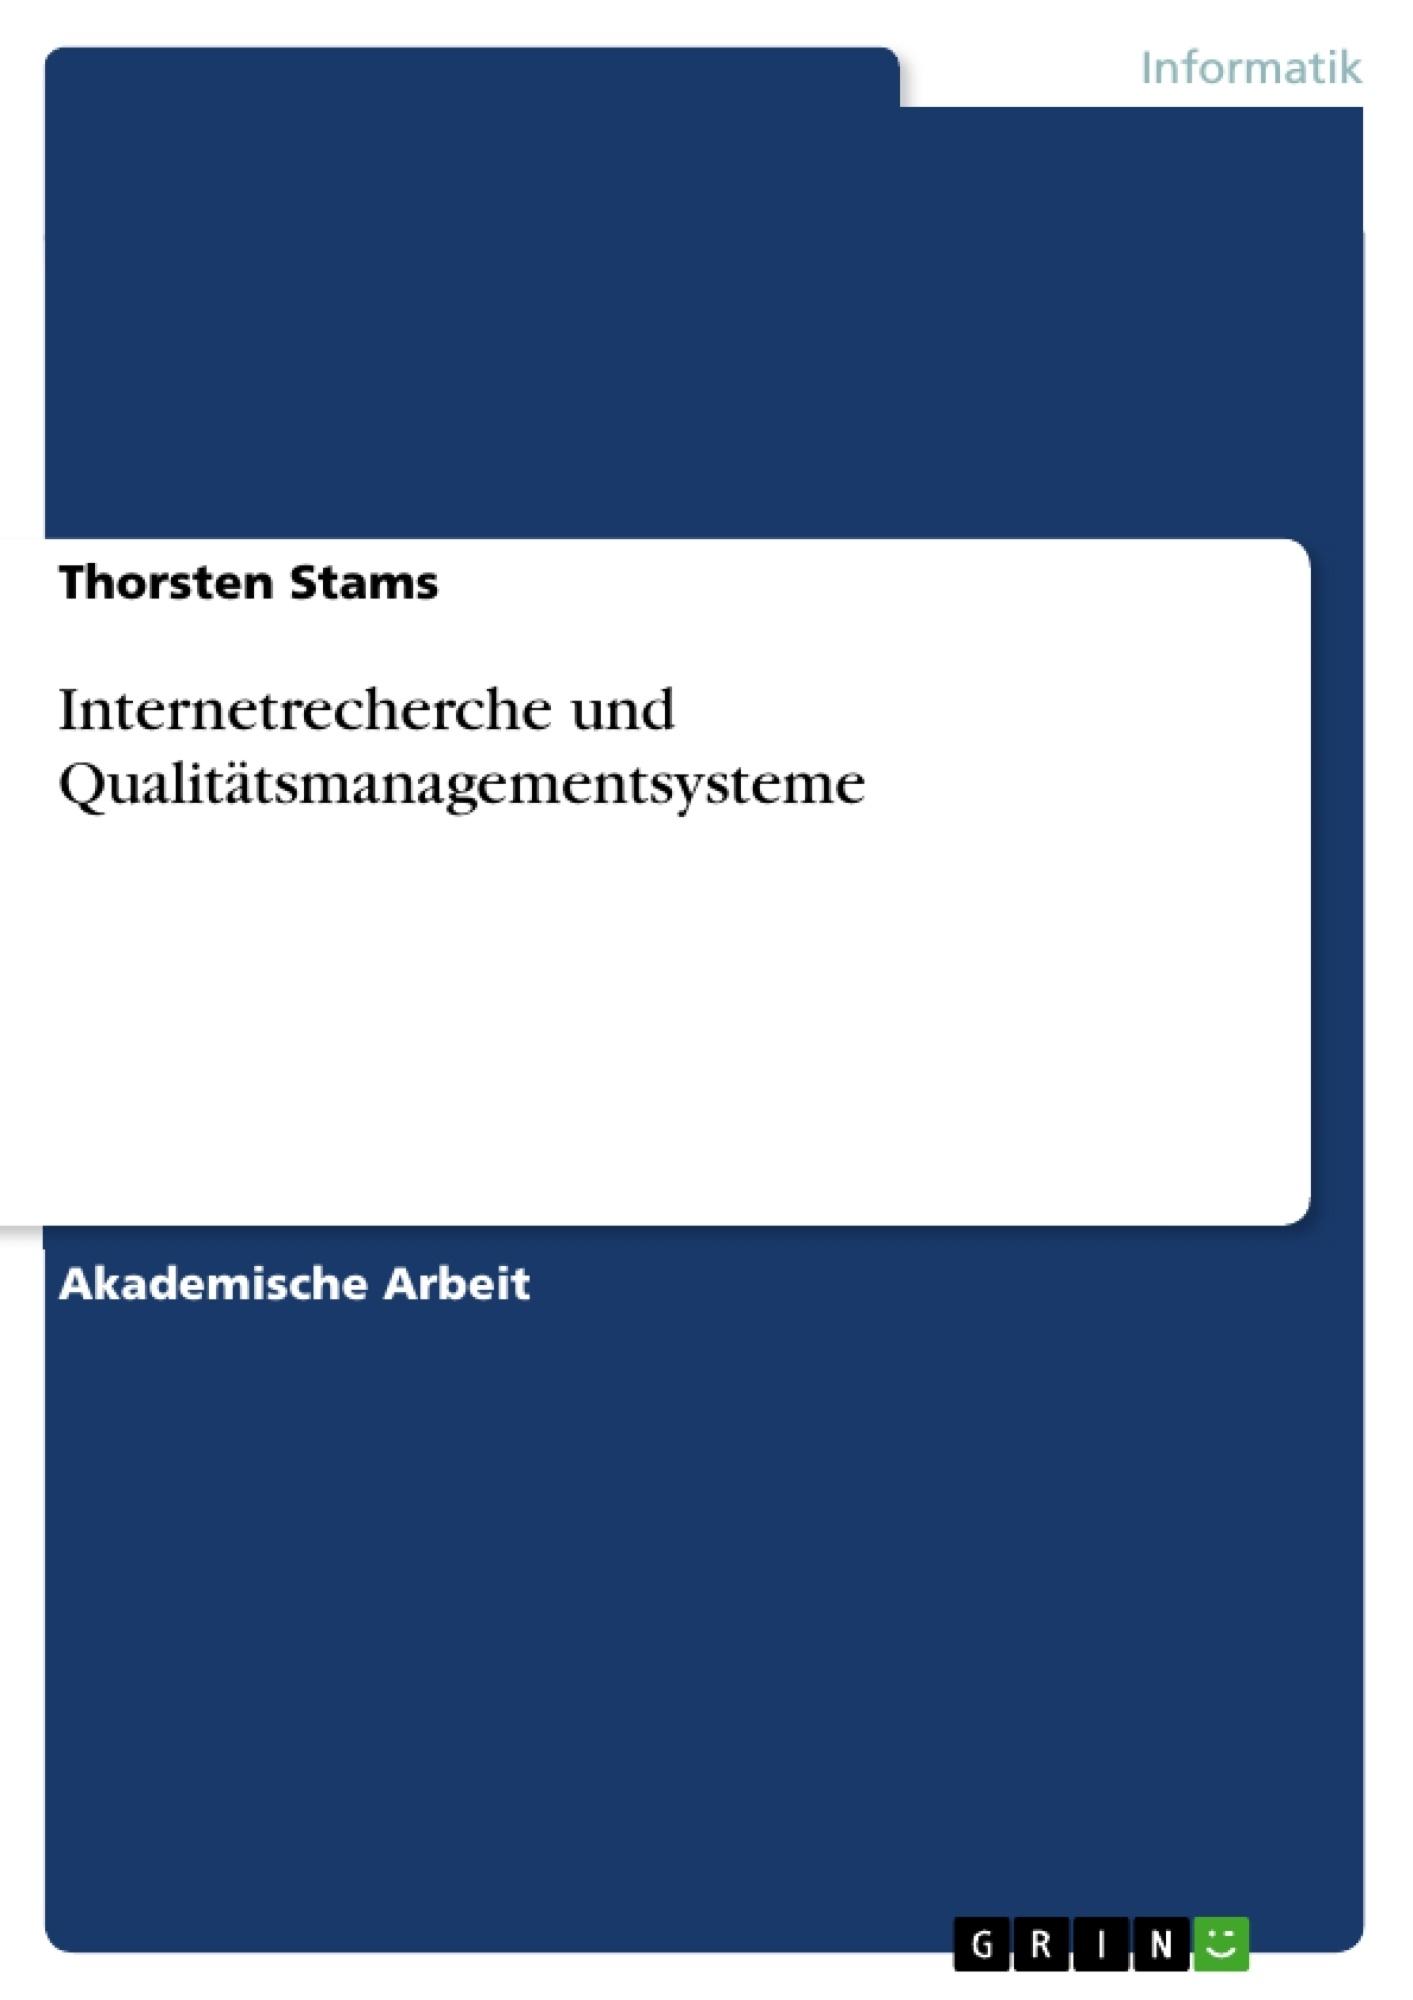 Titel: Internetrecherche und Qualitätsmanagementsysteme